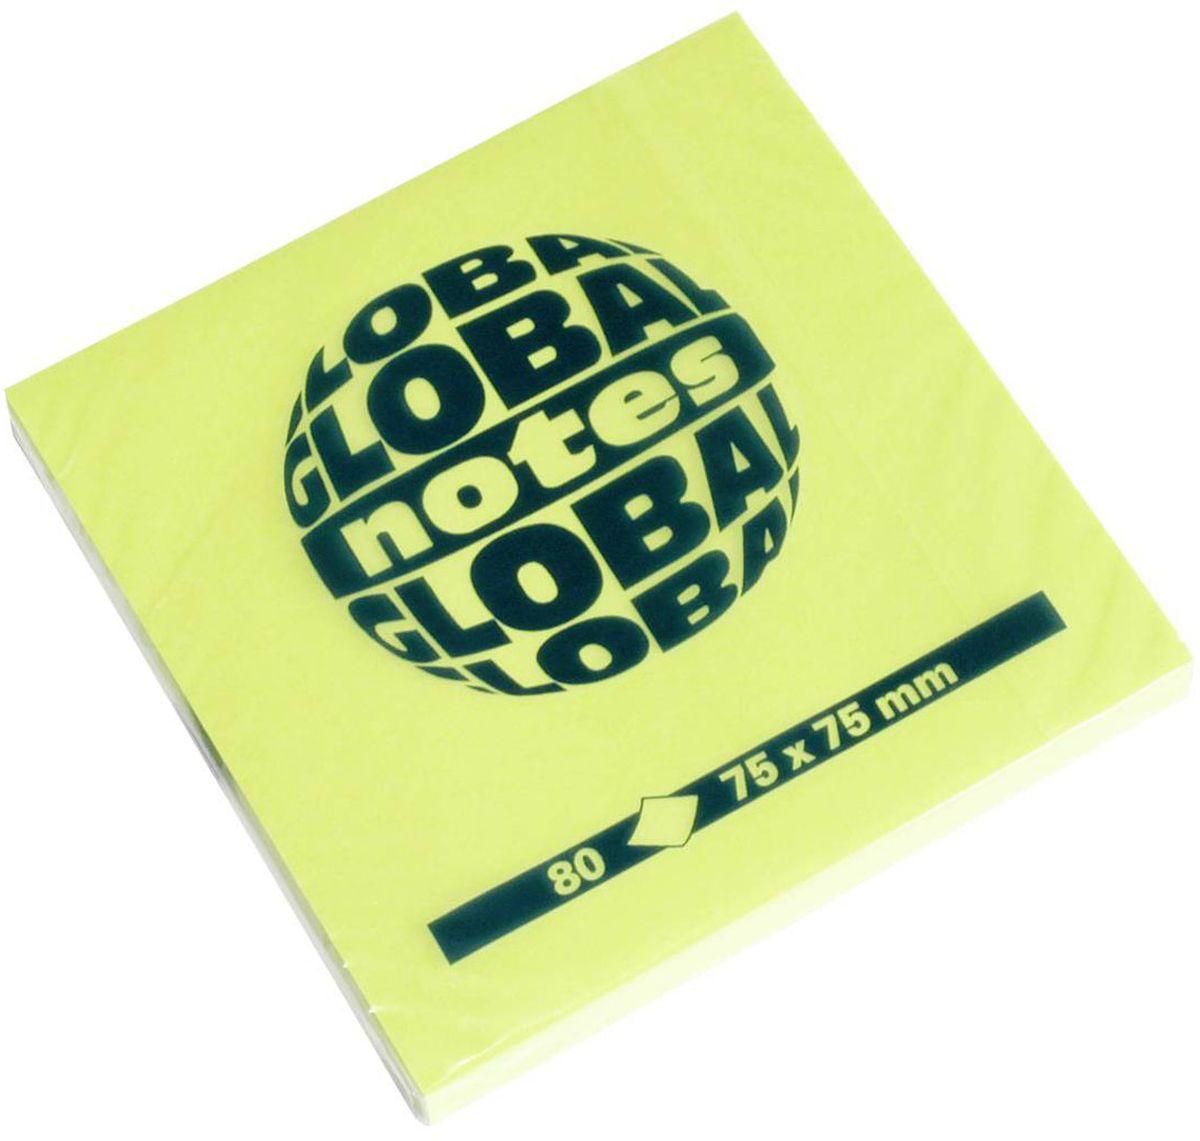 Global Notes Бумага для заметок с липким слоем цвет зеленый 7,5 х 7,5 см 80 листов126695Бумага для заметок с липким слоем Global Notes - это удобное и практичное решение для быстрой записи информации дома или на работе.Качественная клеевая полоса рассчитана на крепление к любой поверхности, позволяет приклеивать и отклеивать листок неограниченное количество раз, не оставляя следов.